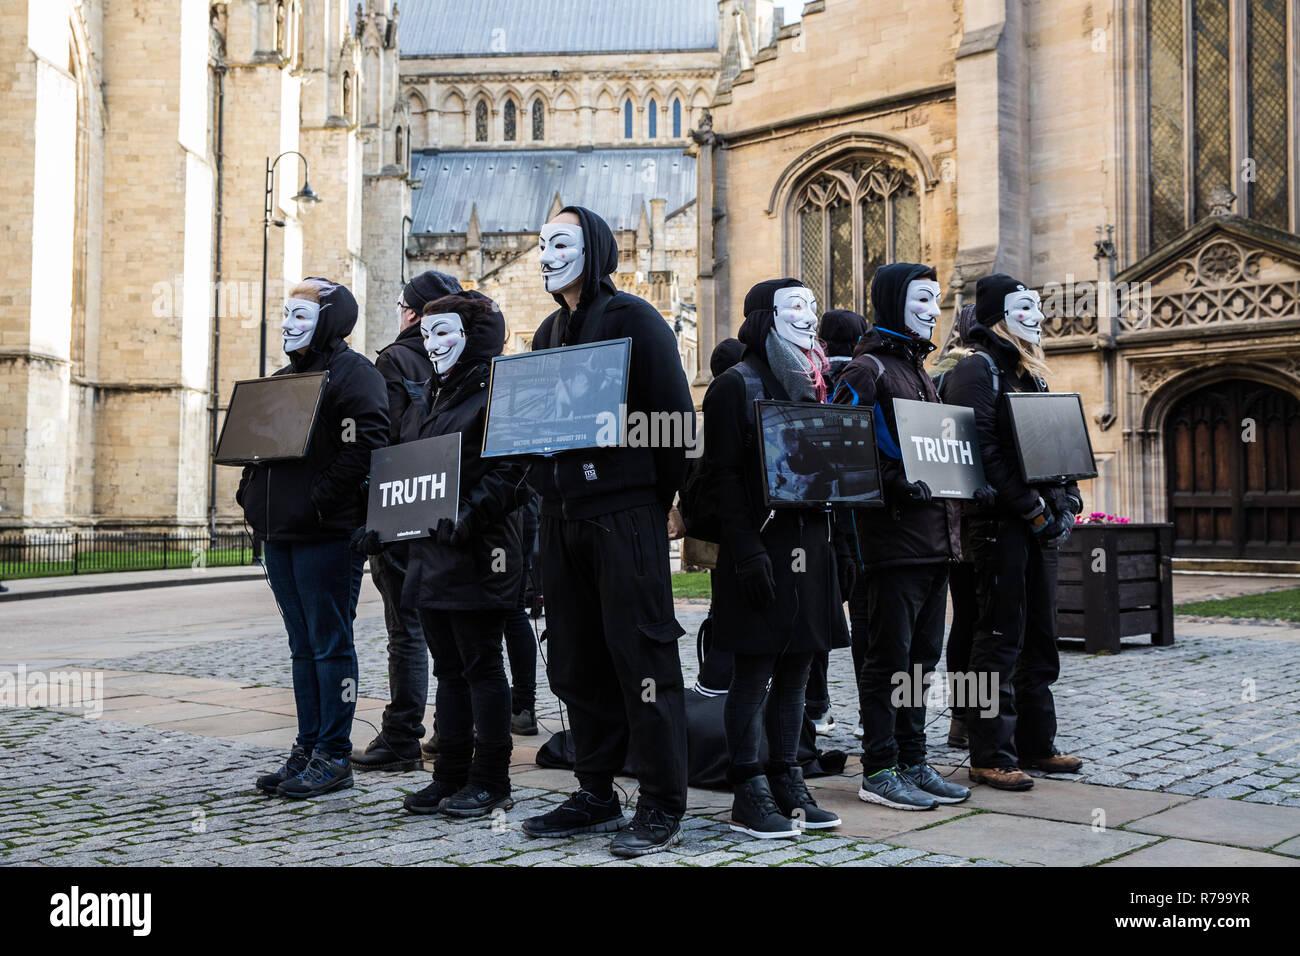 YORK, Reino Unido - 8 de diciembre de 2018. Los miembros de la red El Cubo de verdad Vegan grupo protesta en Guy Fawks máscaras y protestando por la crueldad con los animales. Imagen De Stock